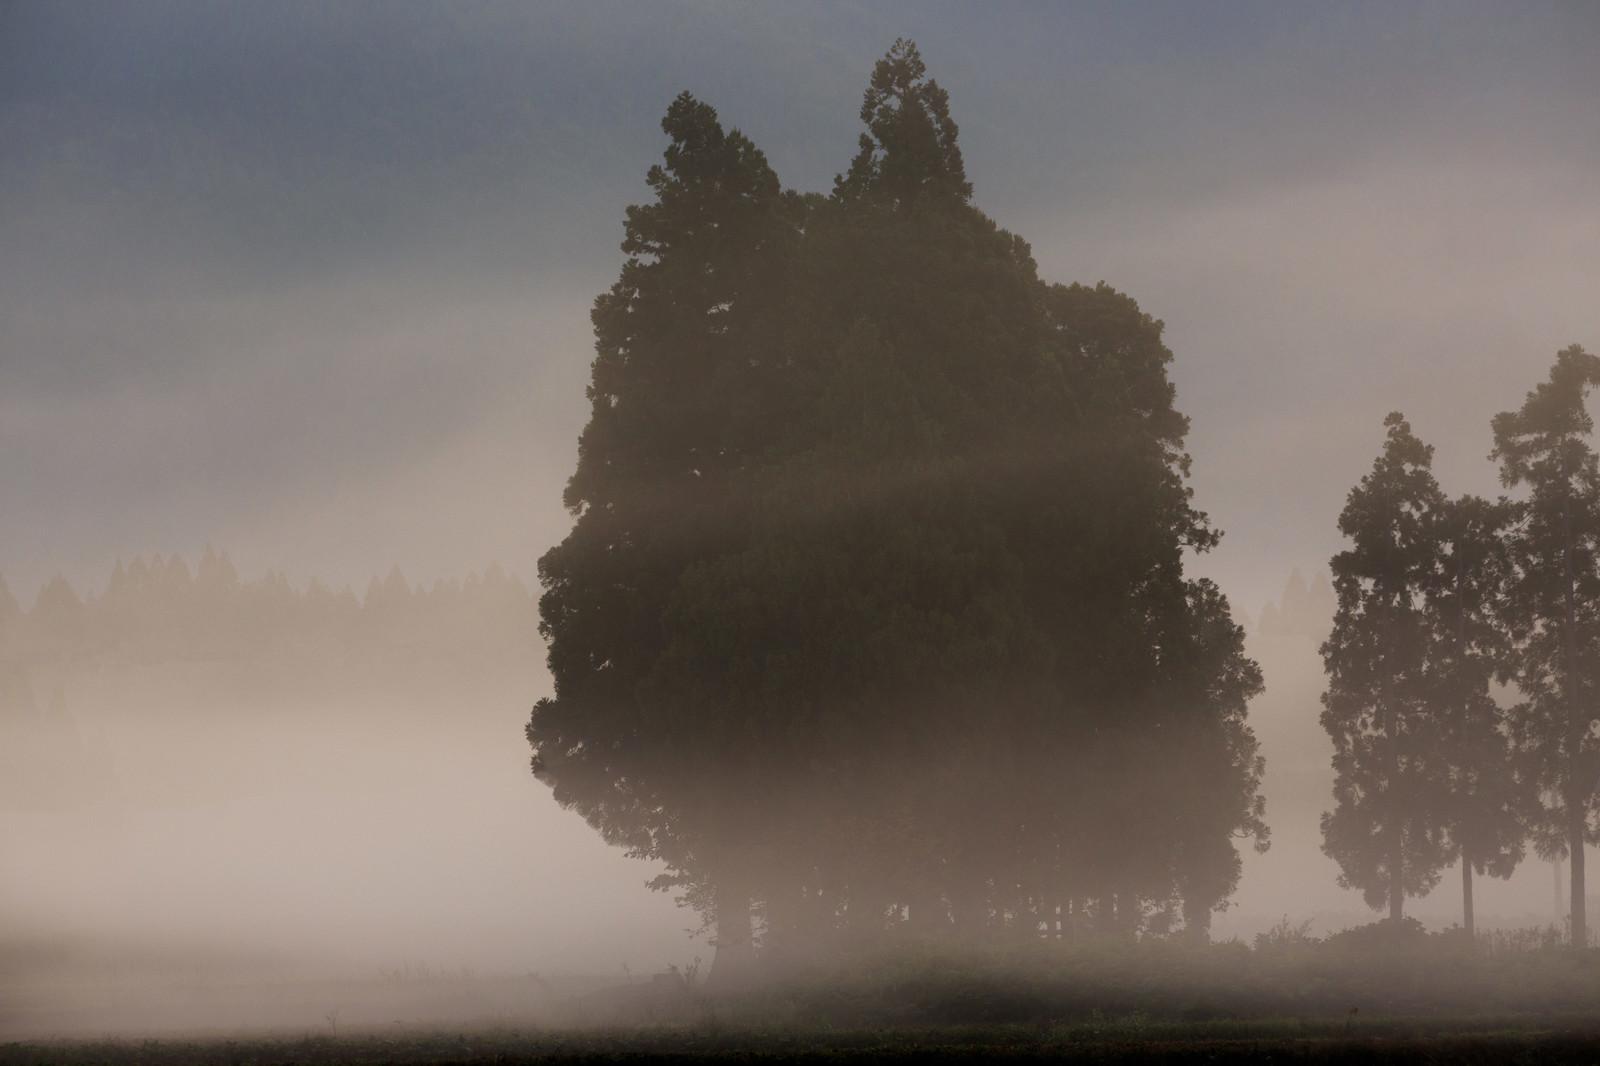 そびえ立つ大木